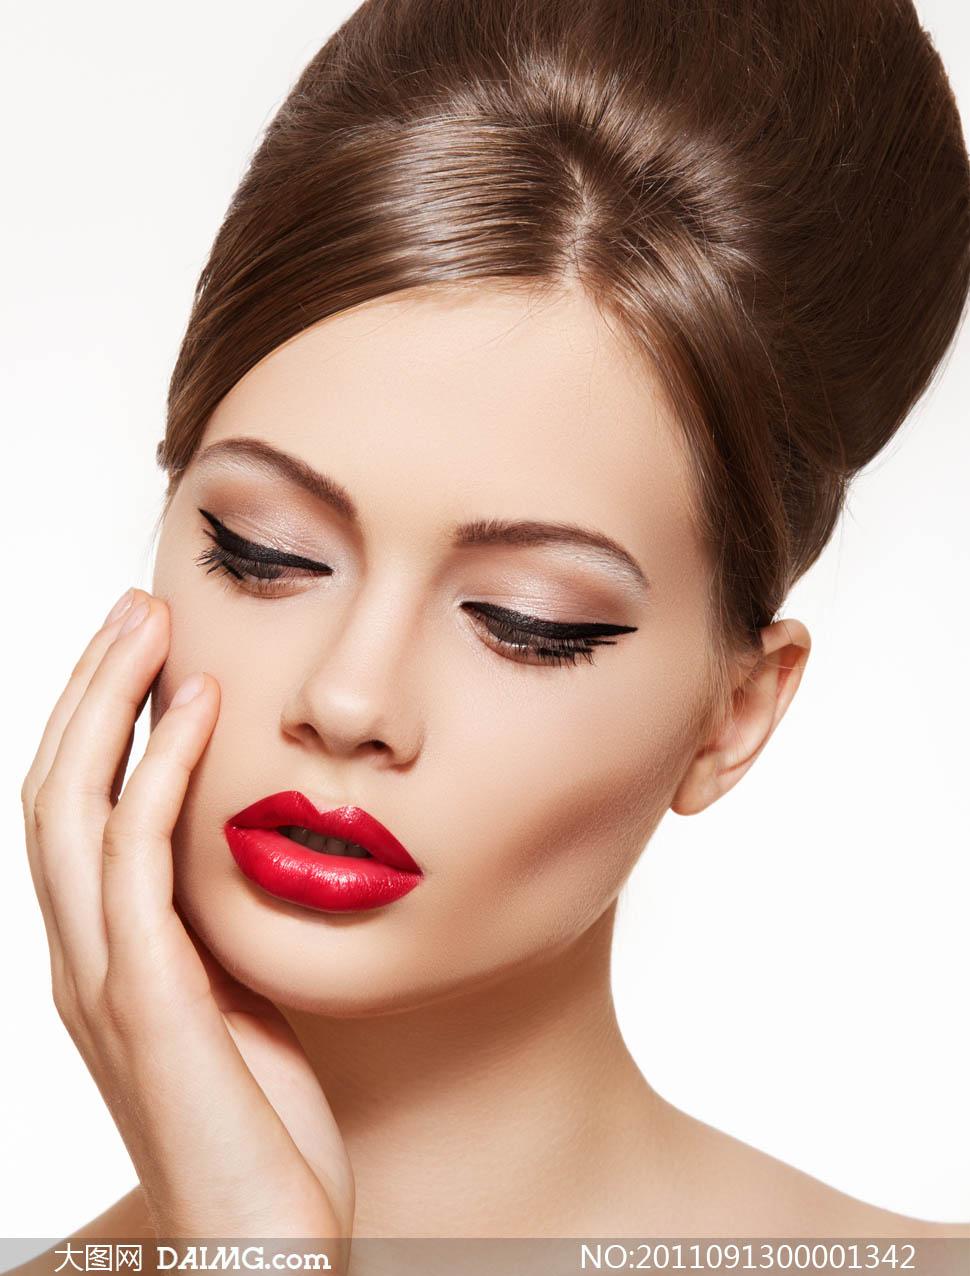 气质化妆美女图片素材